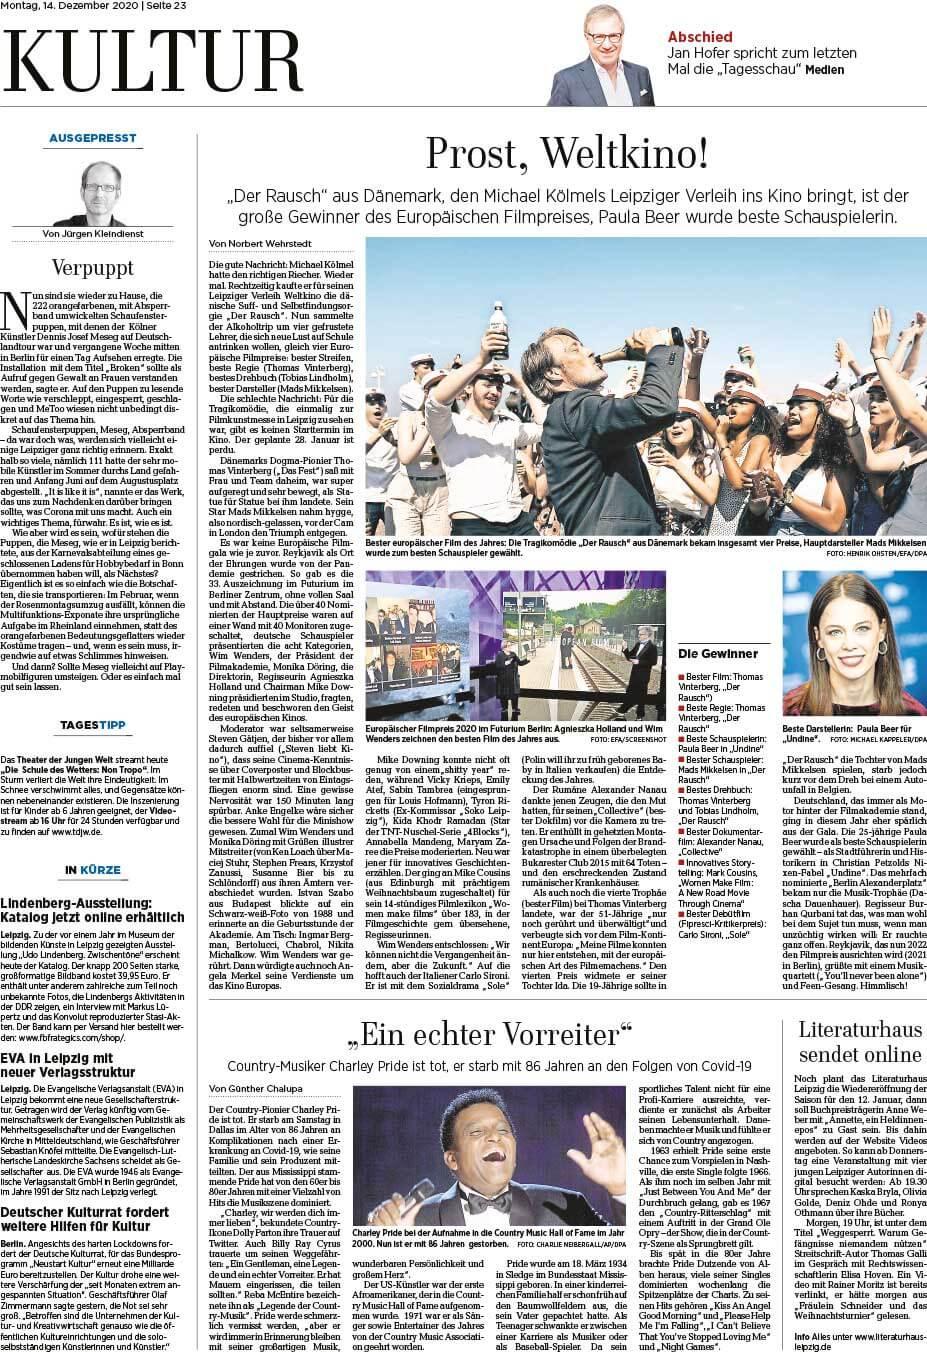 """Installation """"Broken"""" - von Dennis Josef Meseg - Leipziger Volkszeitung 14.12.2020"""